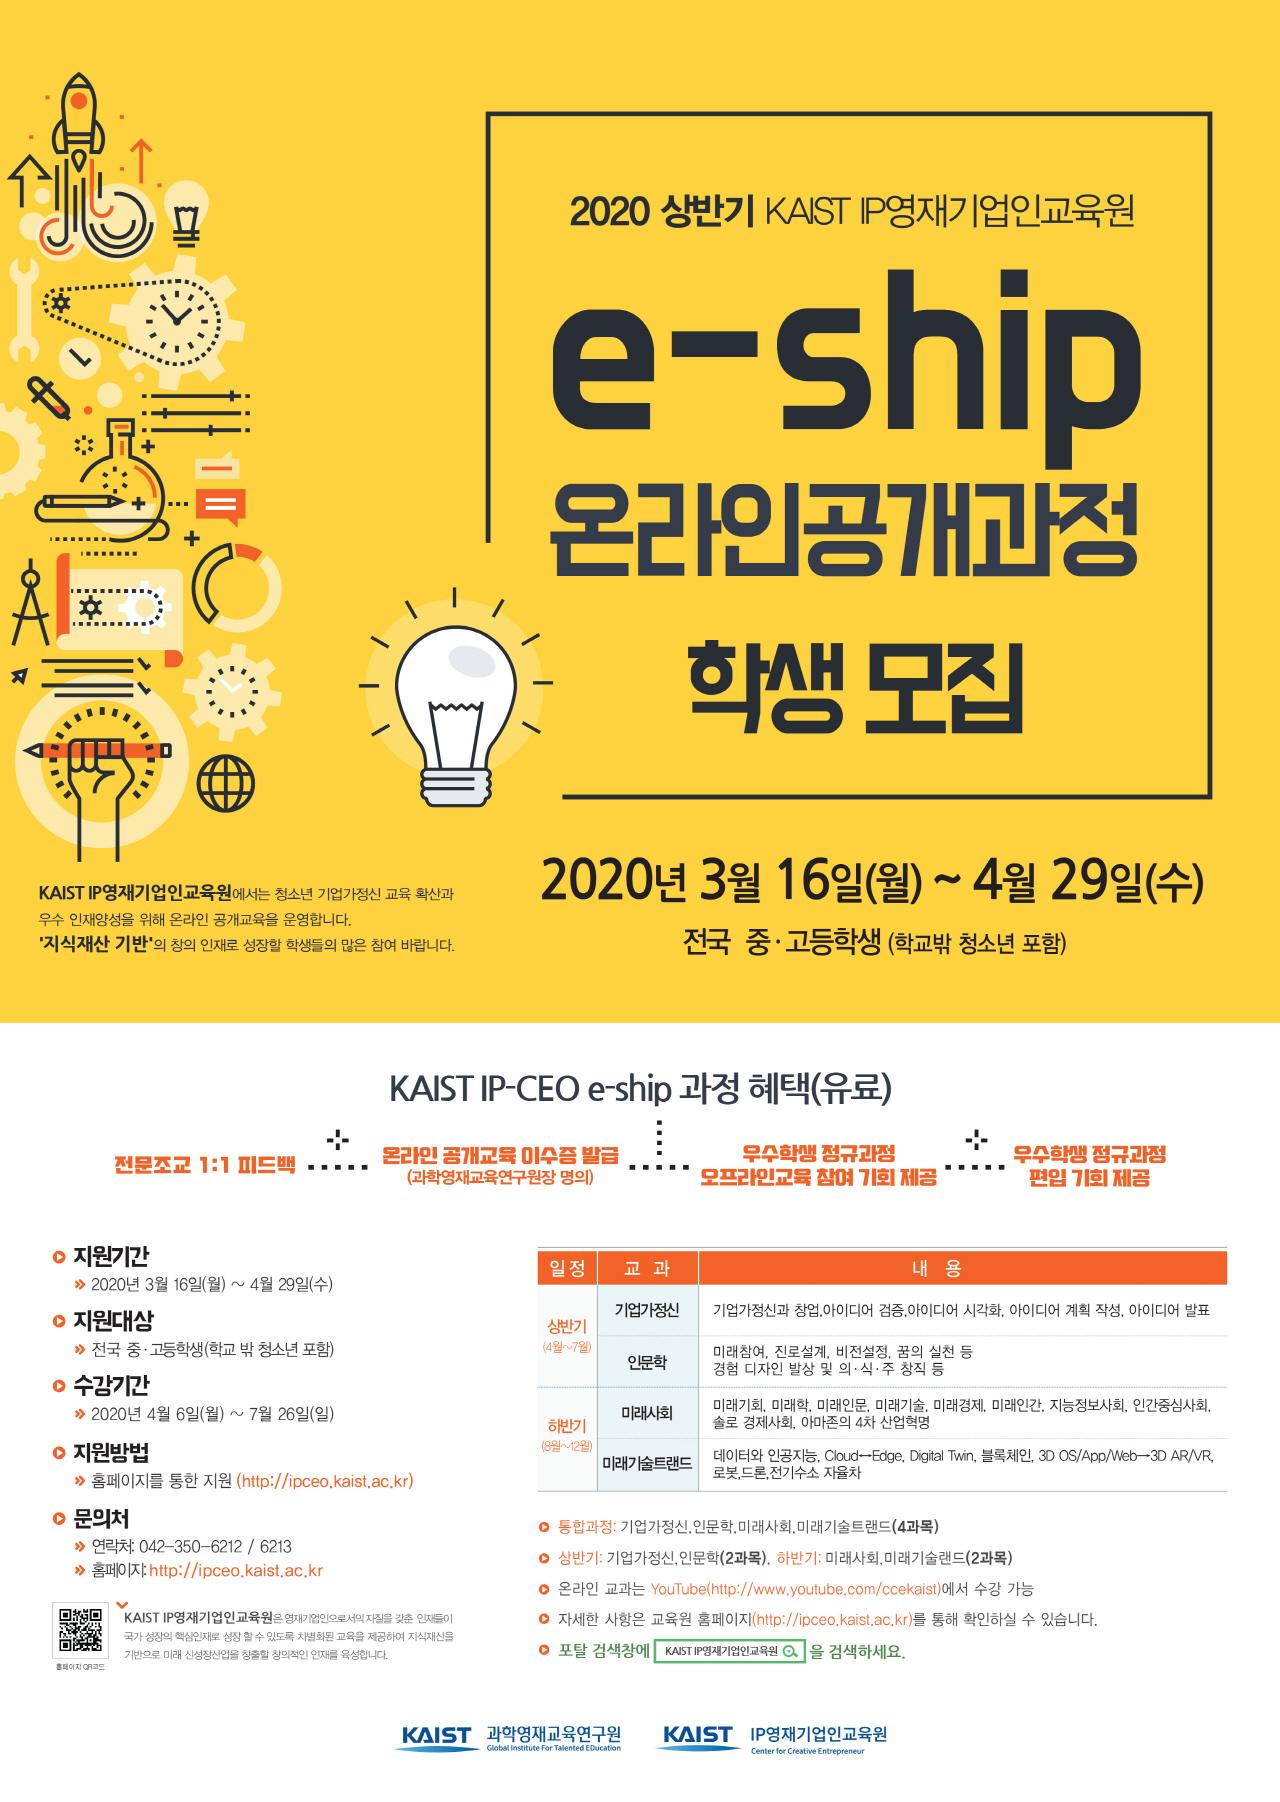 [일반] 2020년 상반기 KAIST IP영재기업인교육원 e-ship 온라인 공개교육과정 교육생 모집 안내의 첨부이미지 1